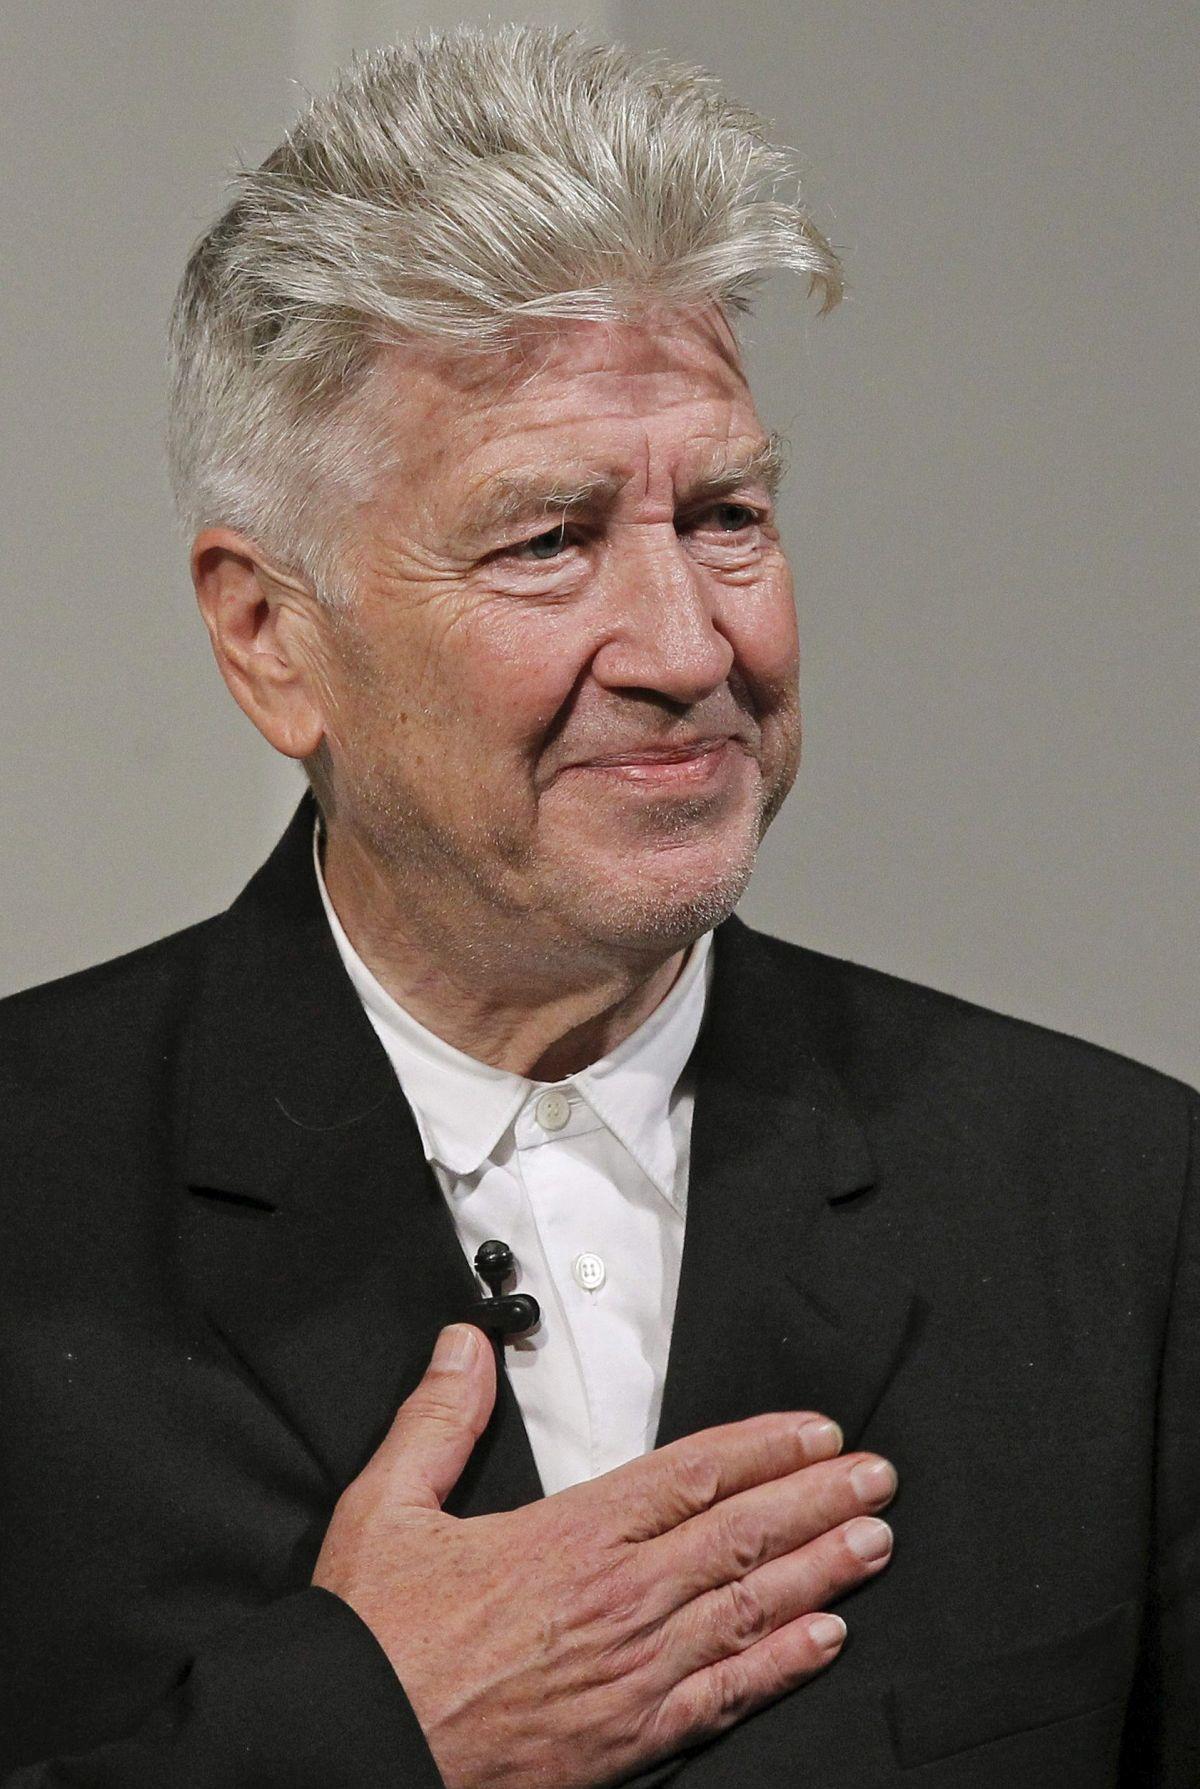 Premijera nastavka kultnog klasika 'Twin Peaks' 21. svibnja